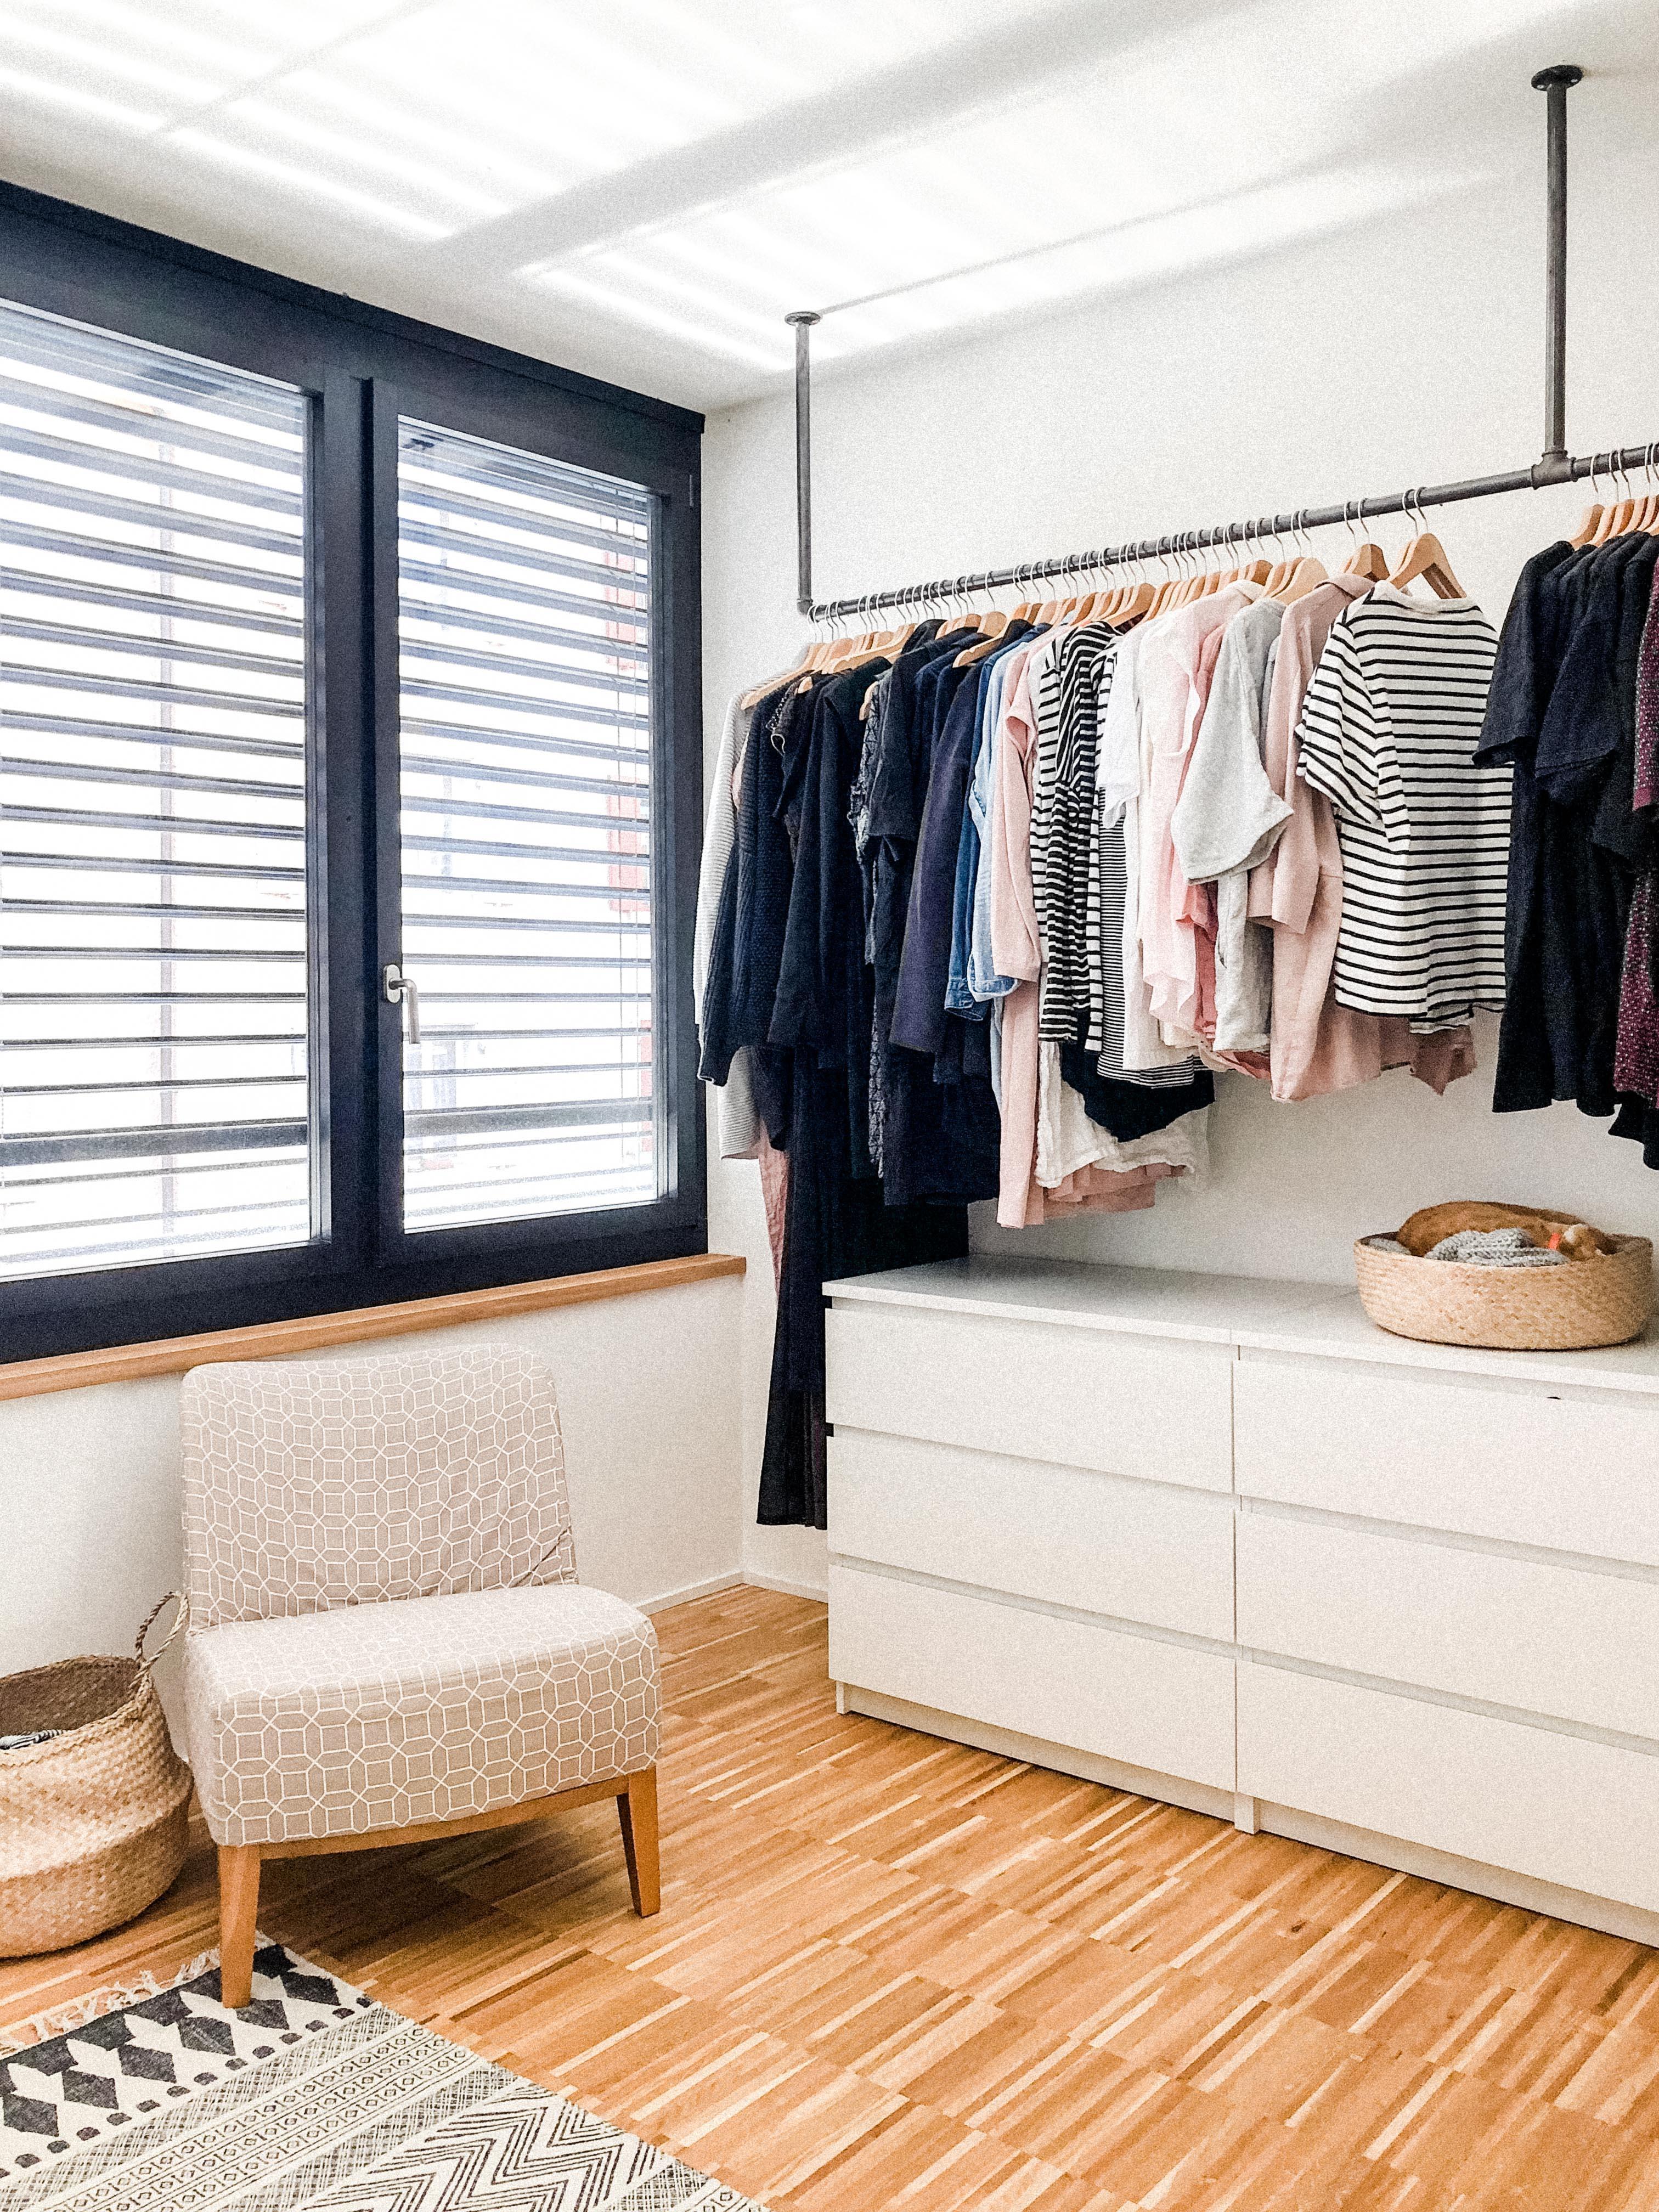 Wundervoll Ankleidezimmer Ideen Dekoration Von Ist Gleich Schlafzimmer Nur Die Vorhaenge Fehlen